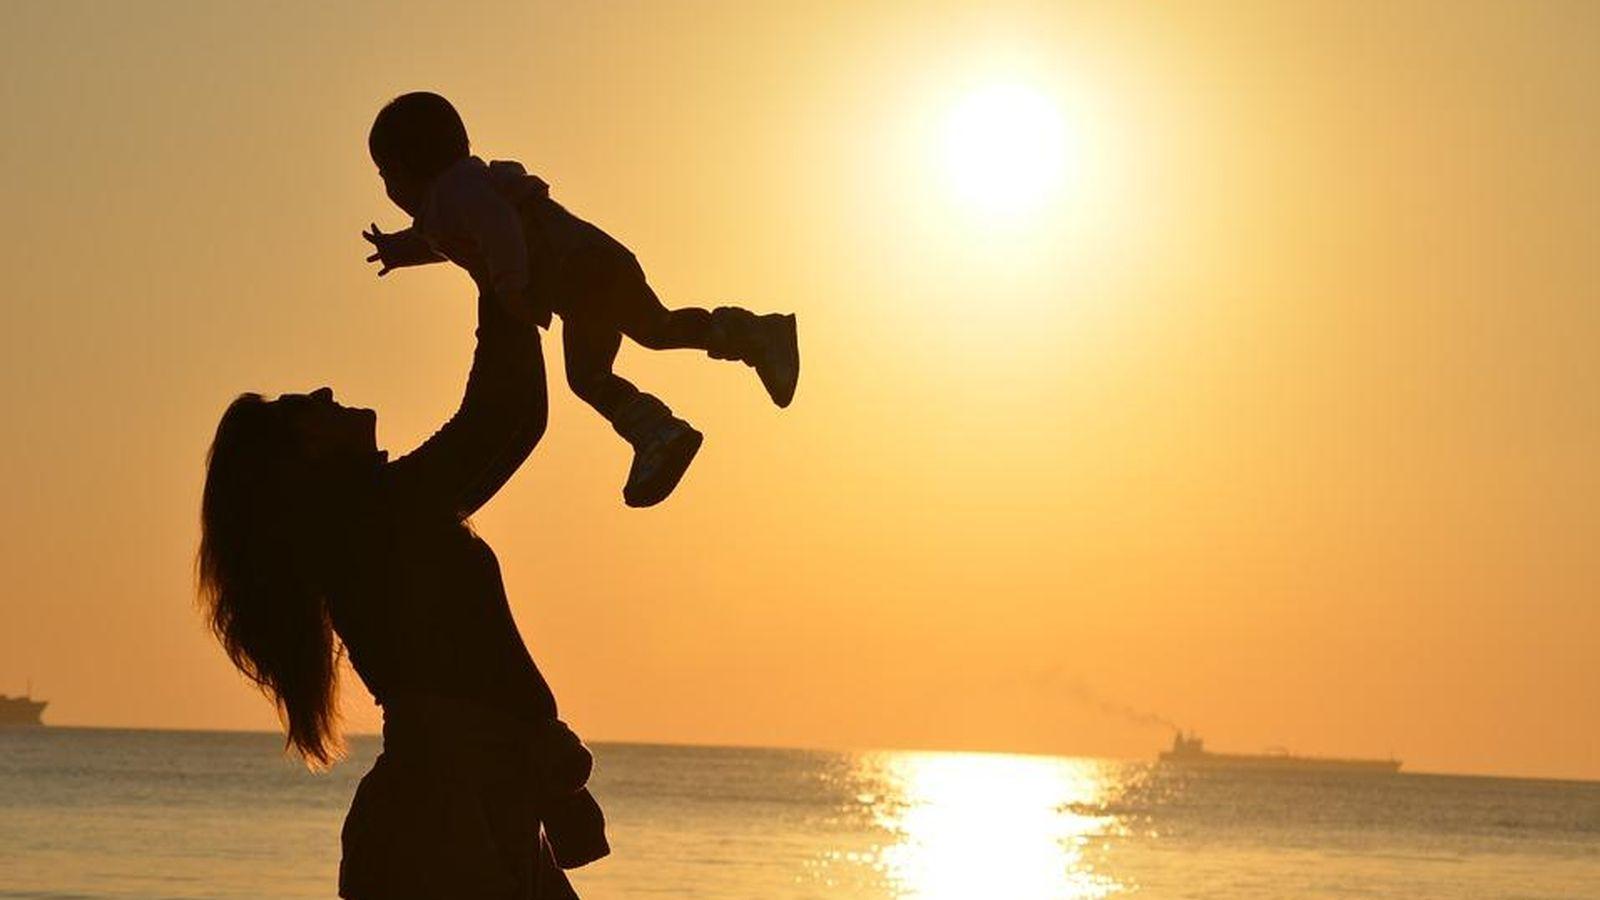 Día de la madre: Día de la Madre: frases para felicitar e ideas para tarjetas originales